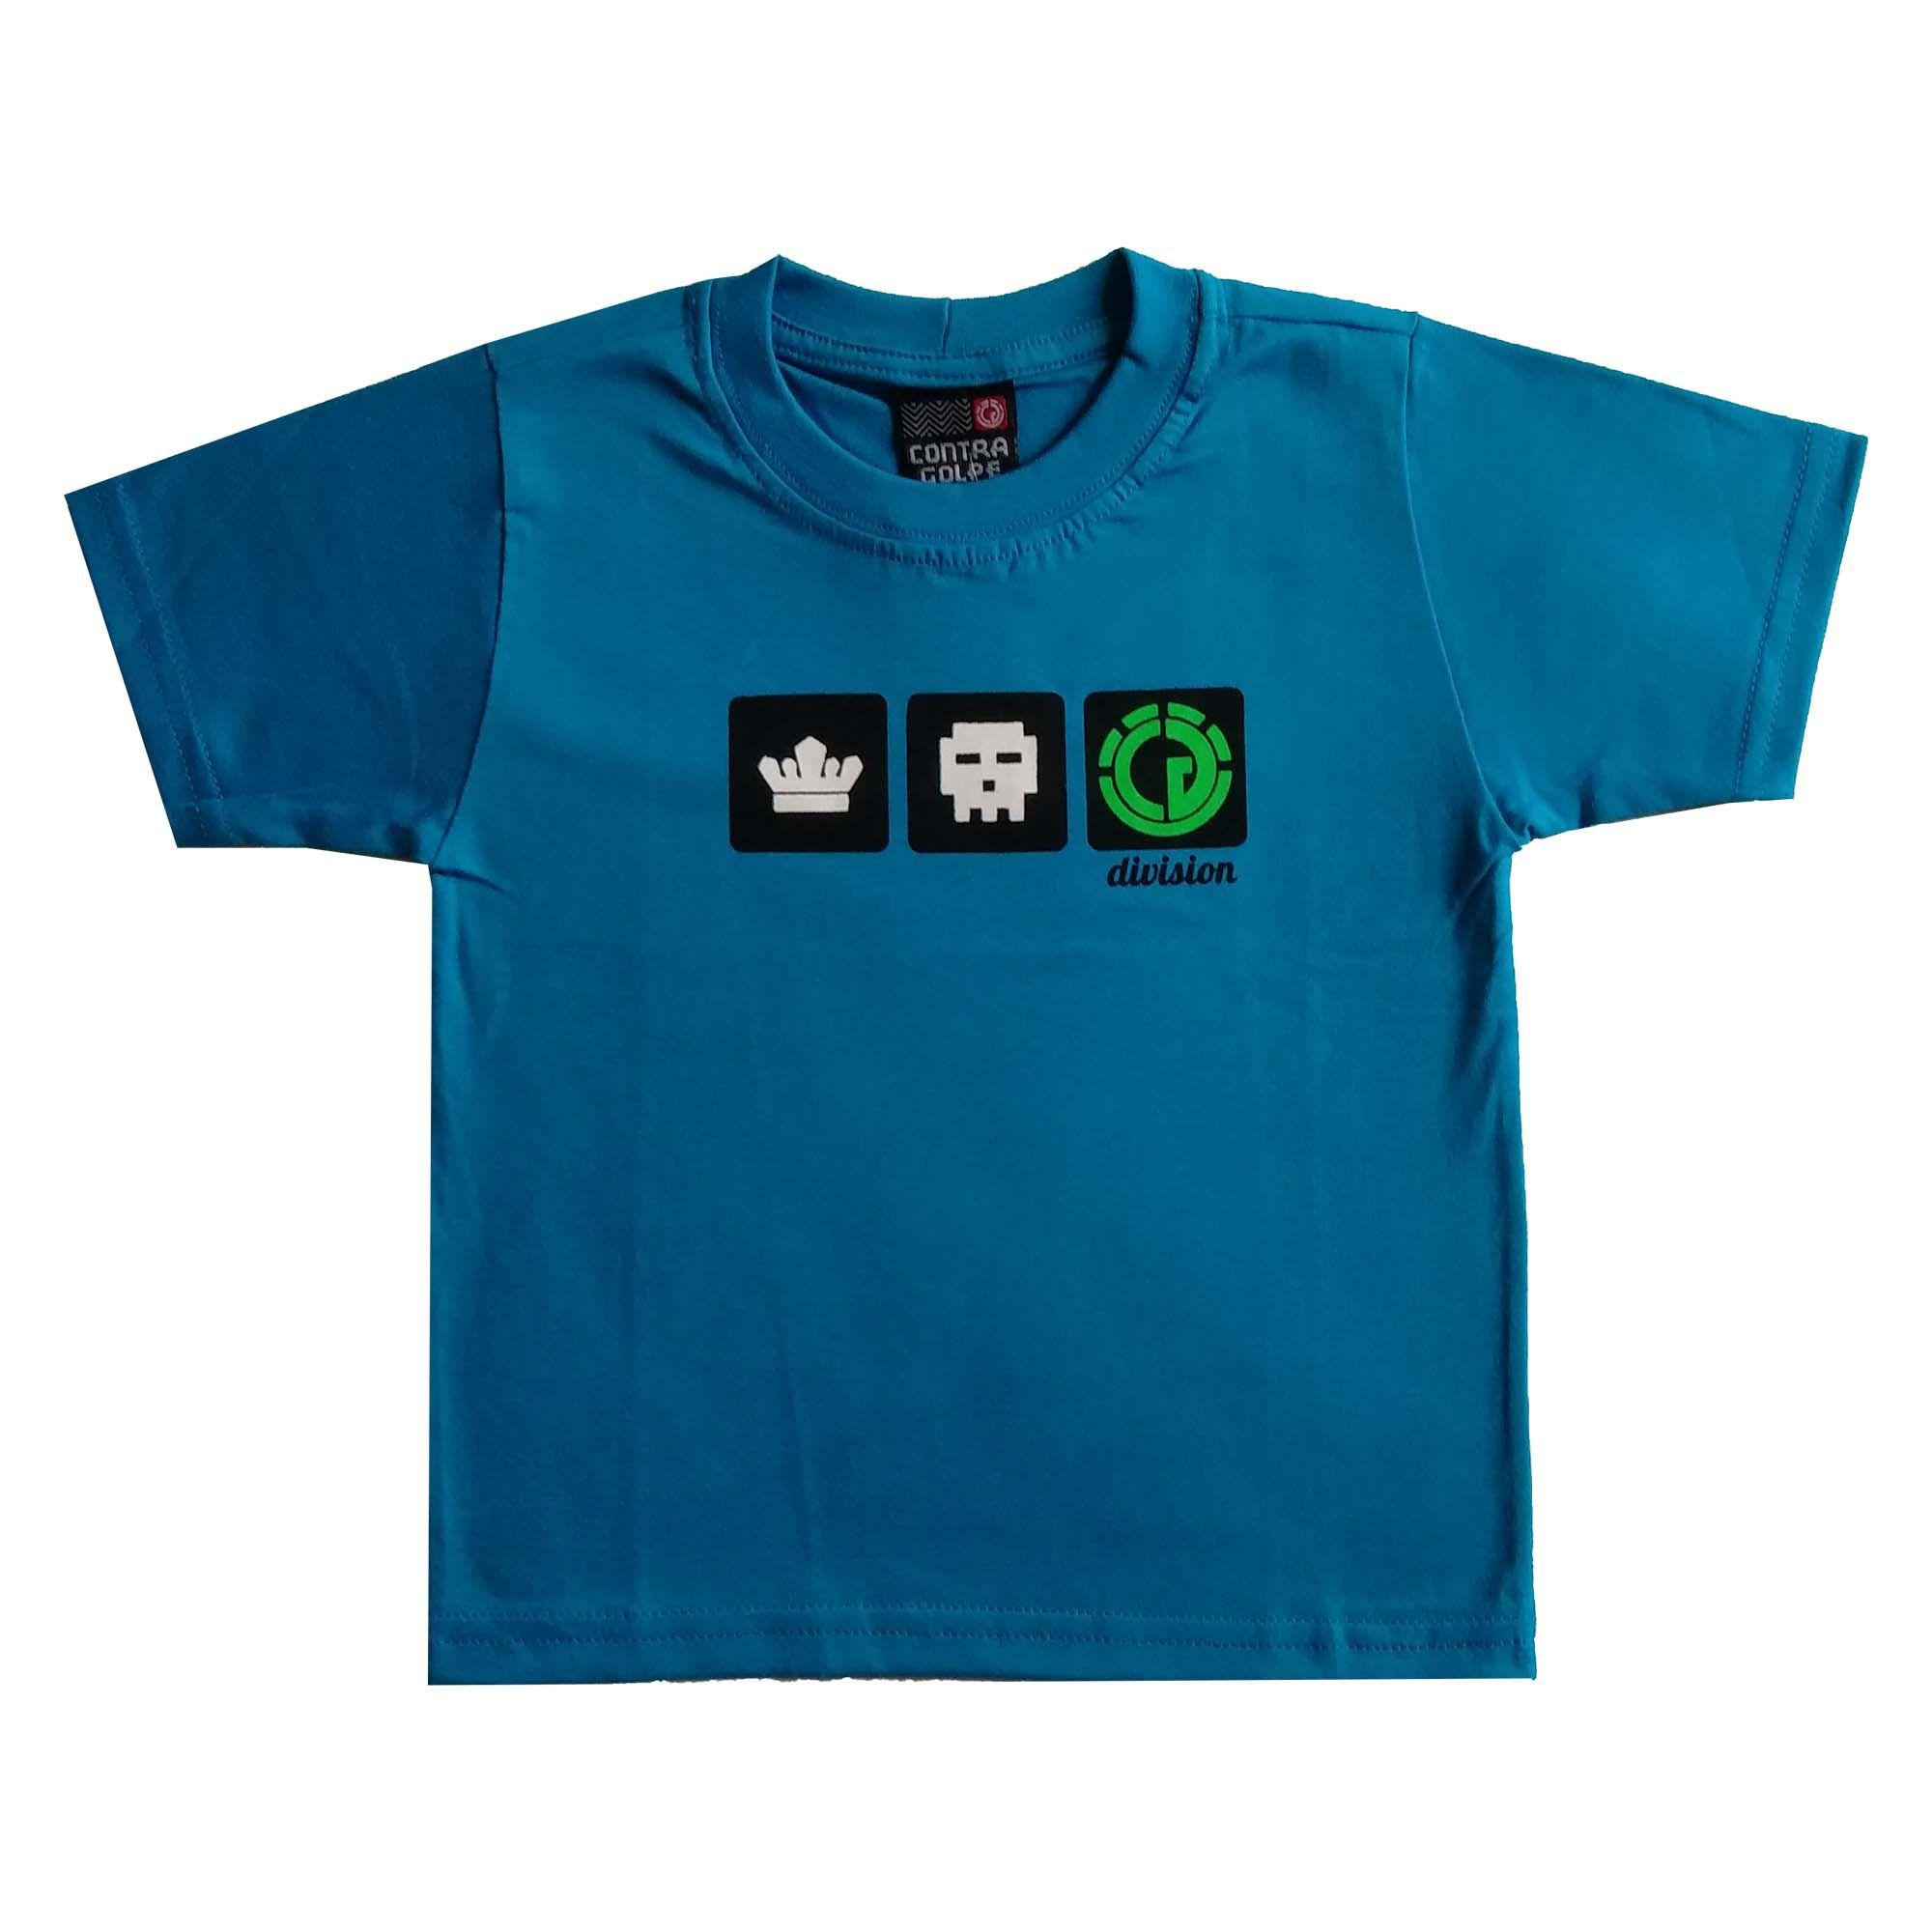 Combo Camisetas Division + Bermuda -Tamanho 2